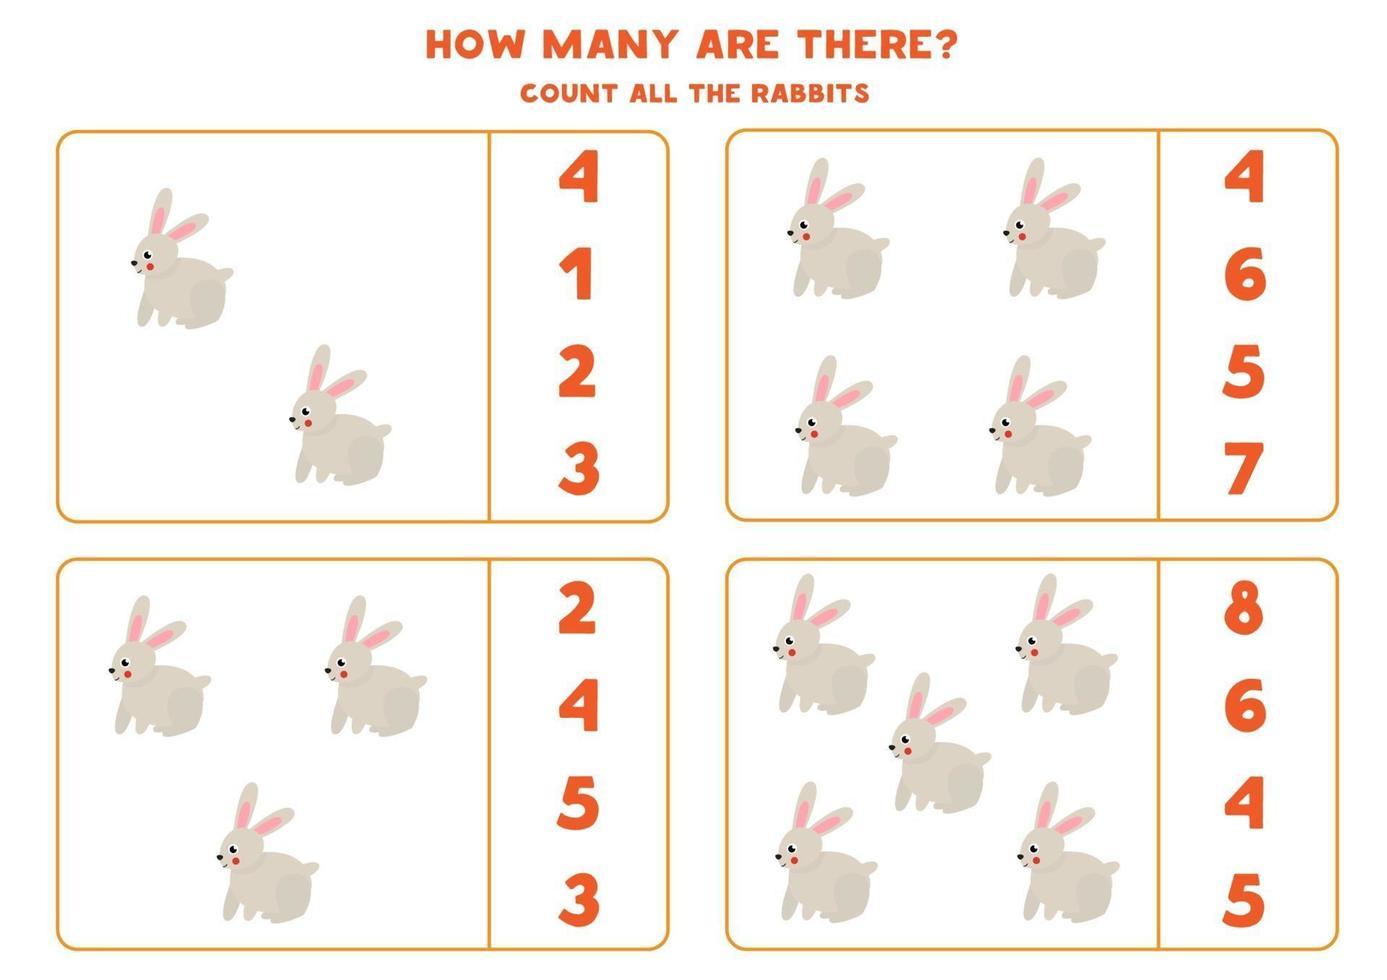 räkna spel med tecknad kanin. matematik kalkylblad. vektor